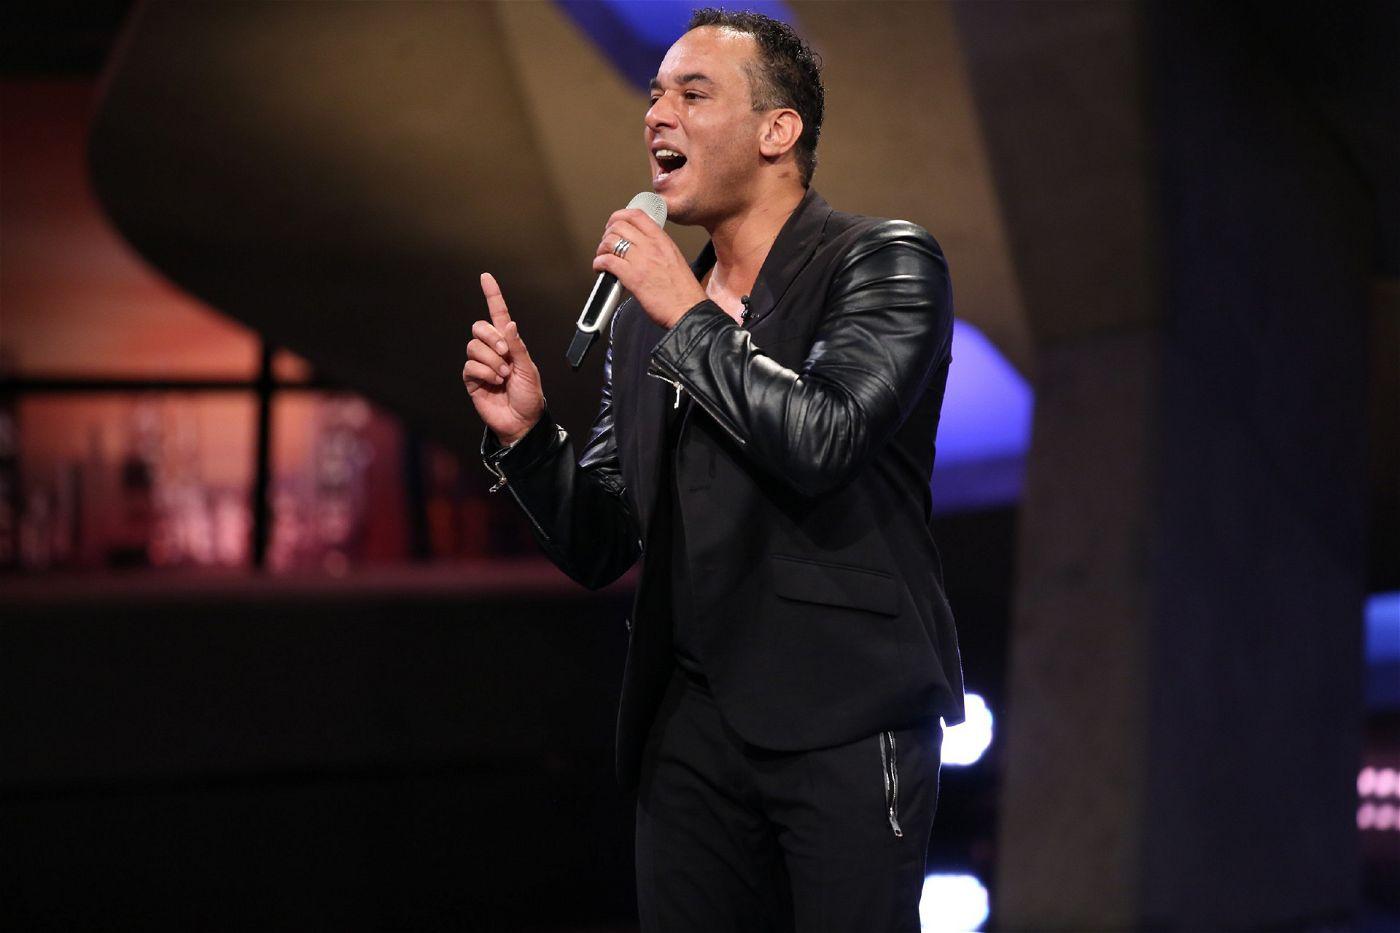 Er singt bereits seit 25 Jahren und er hofft, dass ihm seine langjährige musikalische Erfahrung bei DSDS helfen wird.